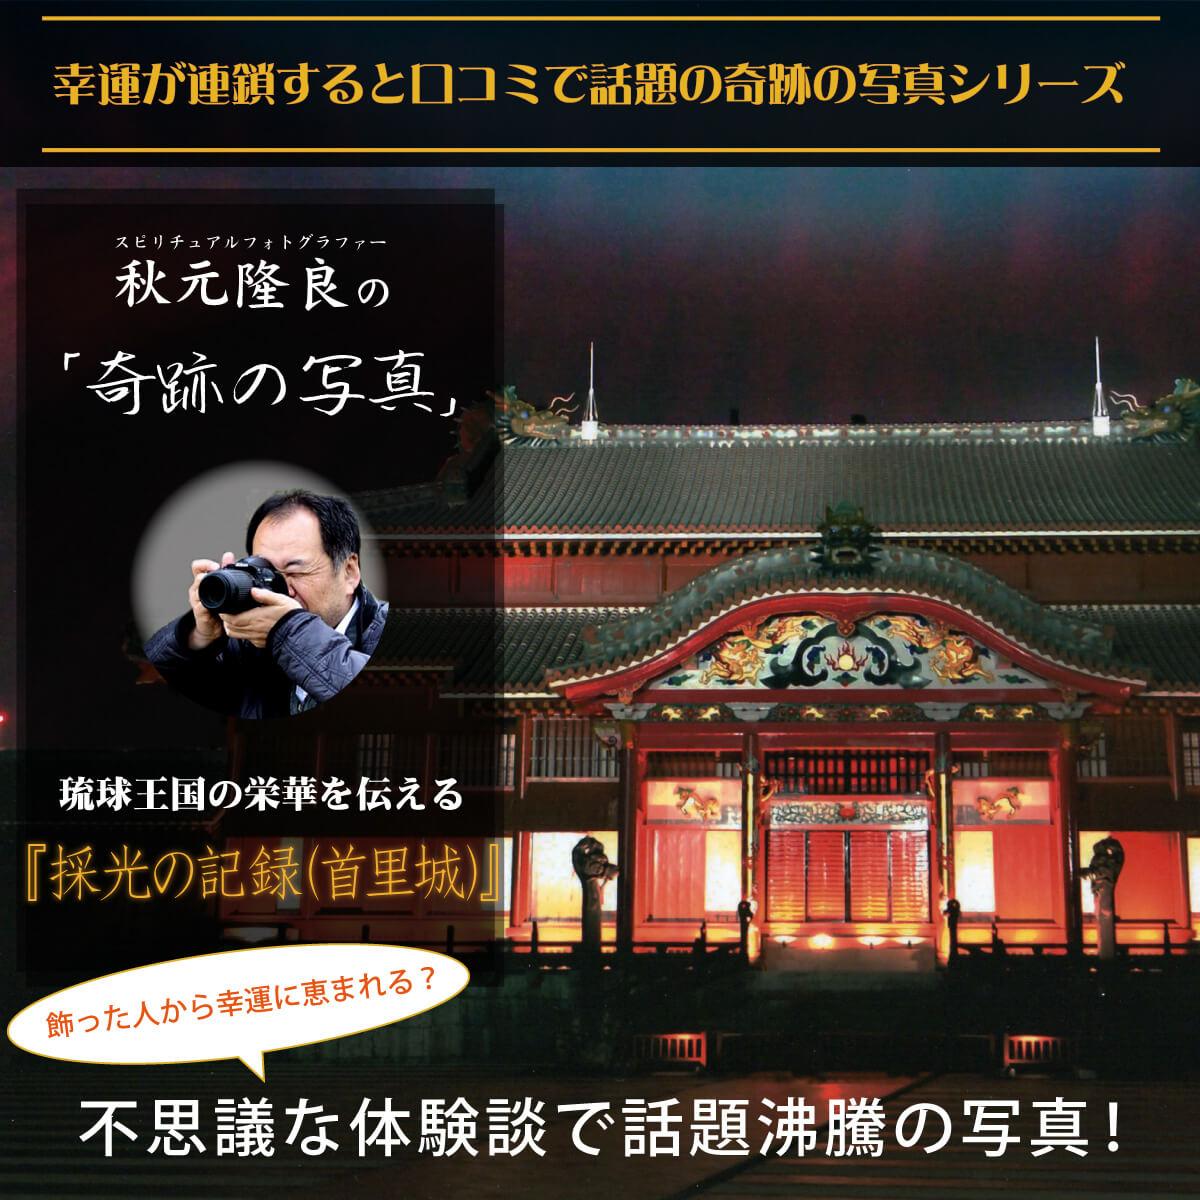 【奇跡の写真】彩光の記録(首里城) ≫飾るだけで幸運が連鎖すると話題!秋元隆良の開運フォト作品 開運グッズ